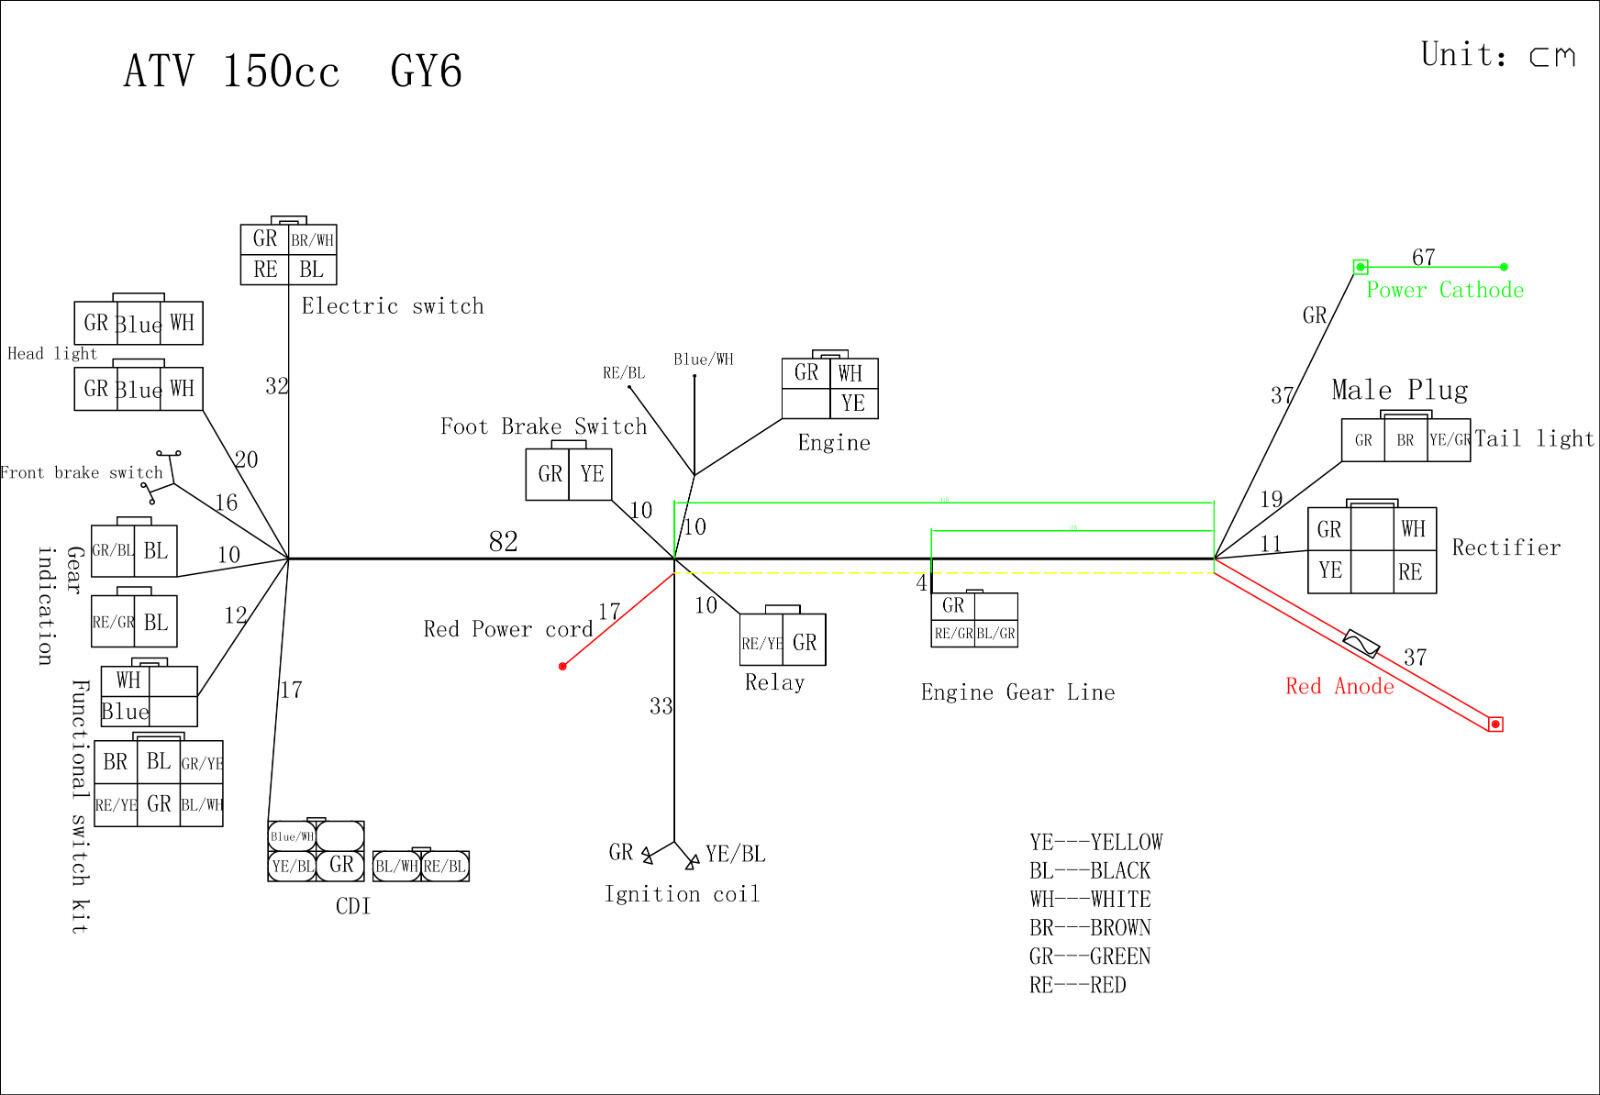 Wiring Diagram Likewise Dc Cdi Wiring Diagram Likewise Gy6 Cdi Wiring